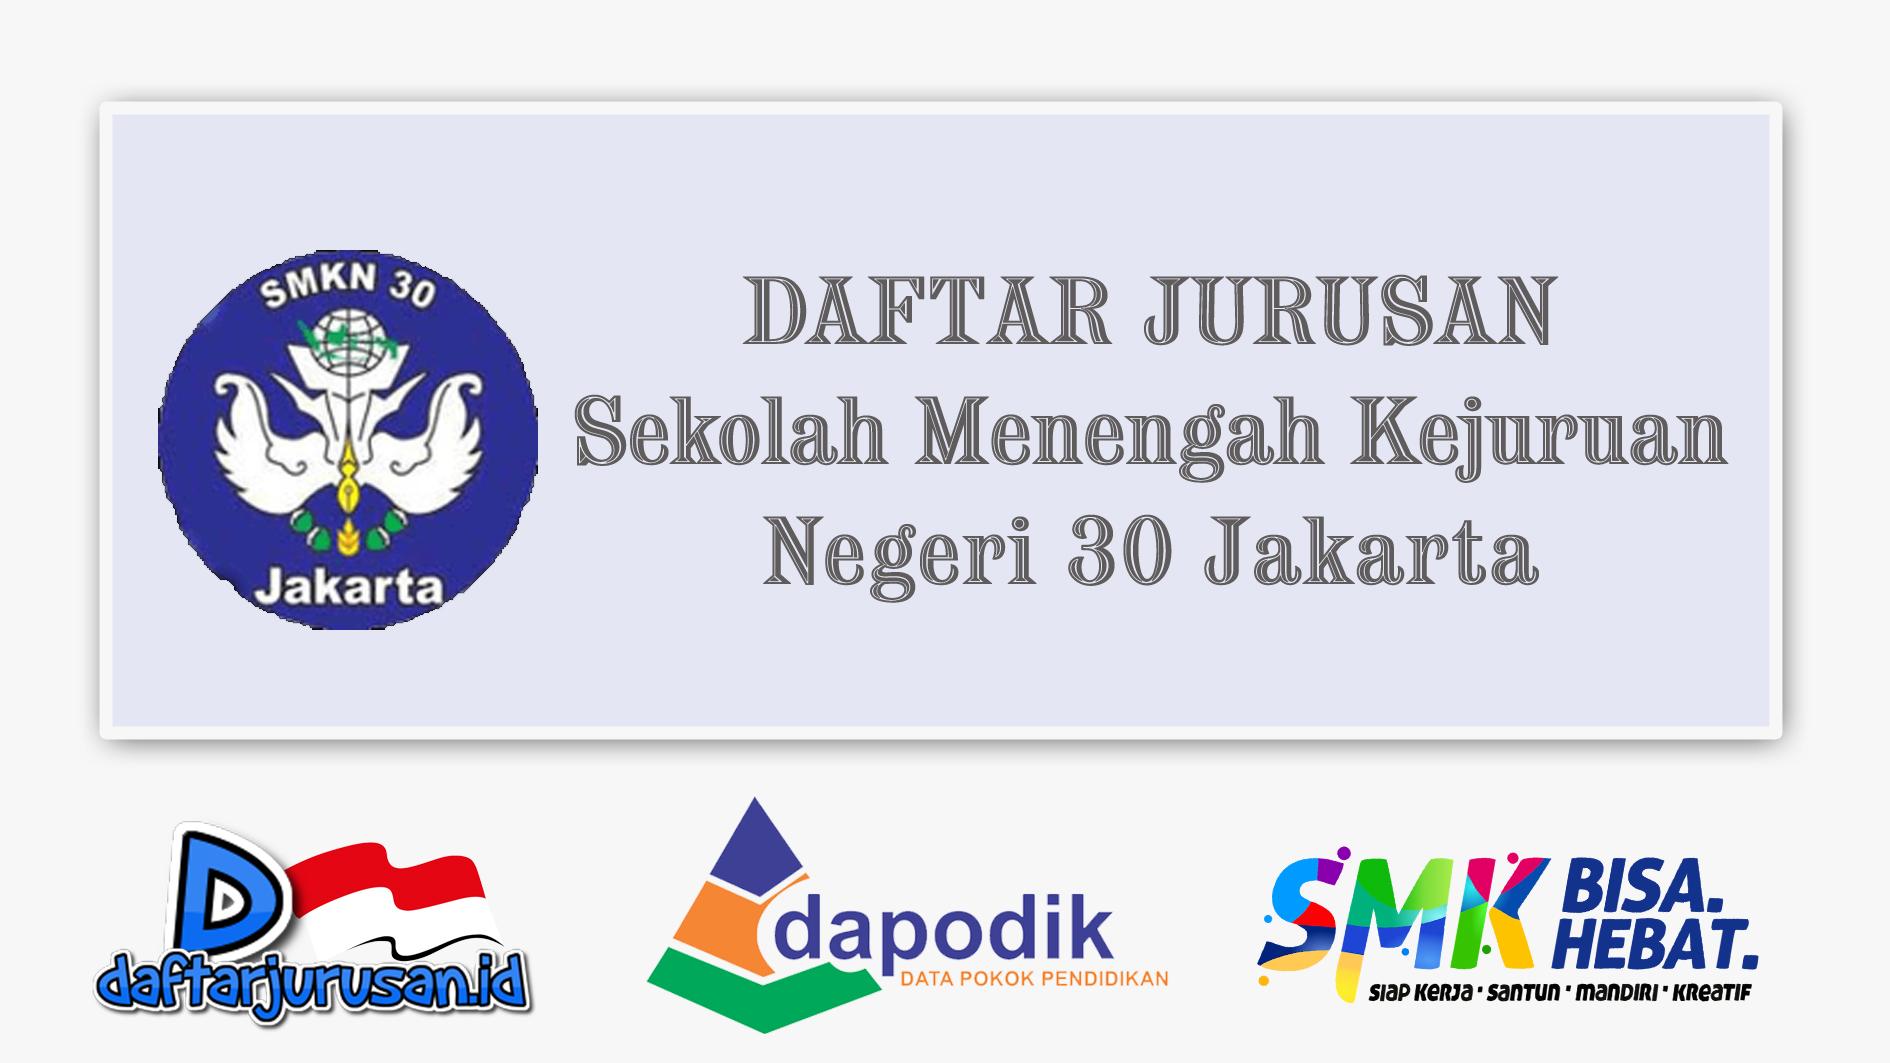 Daftar Jurusan SMK Negeri 30 Jakarta Selatan